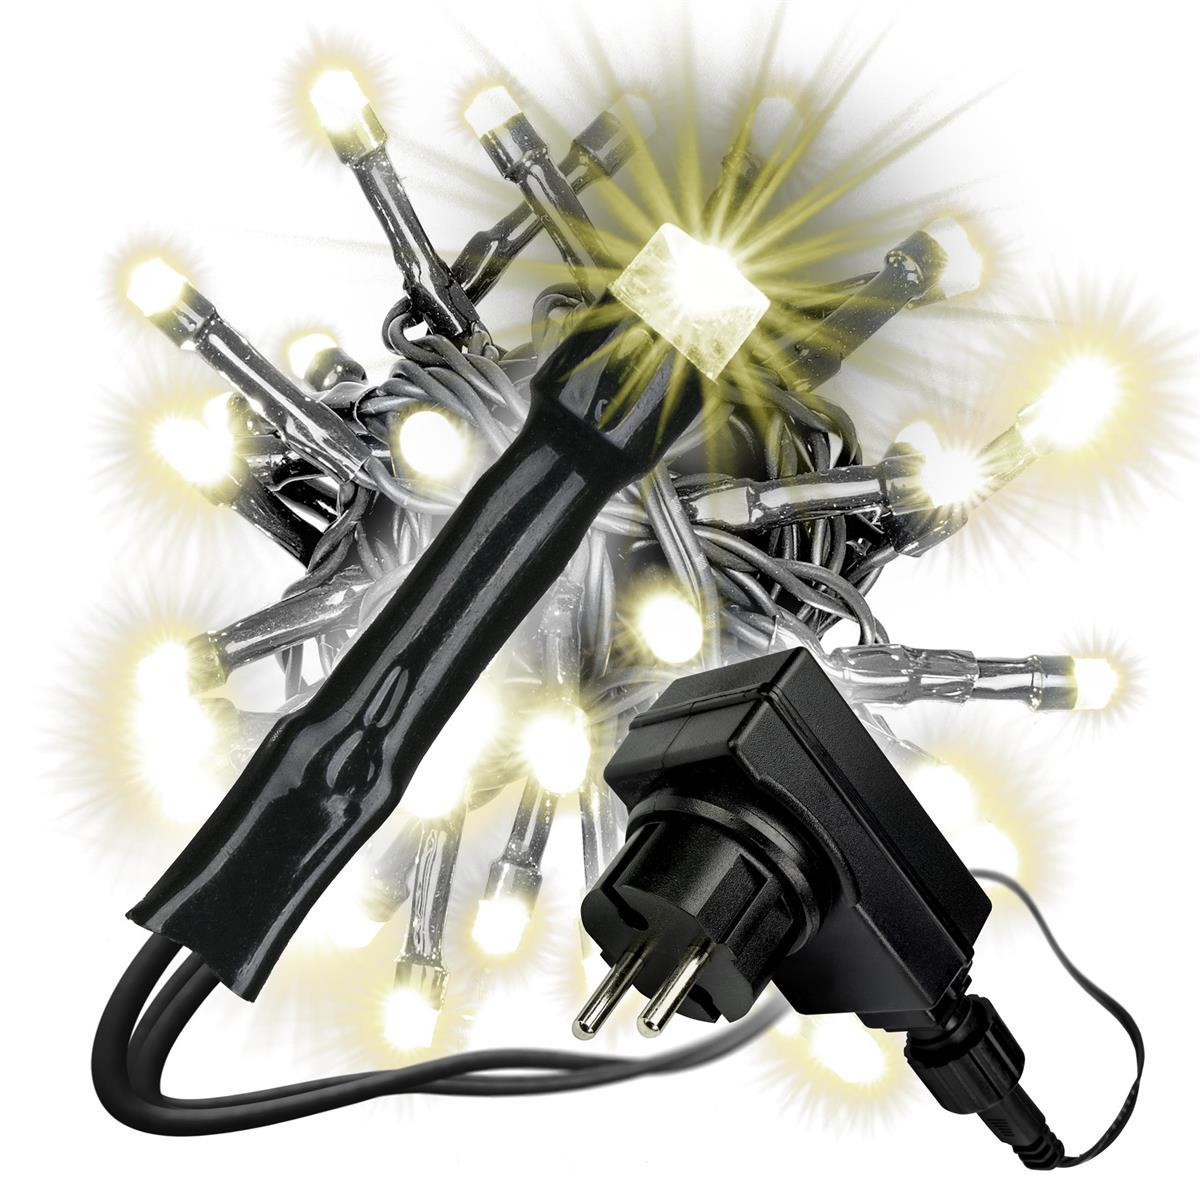 80 LED Lichterkette warmweiß Trafo schwarzes Kabel innen außen Weihnachten Xmas